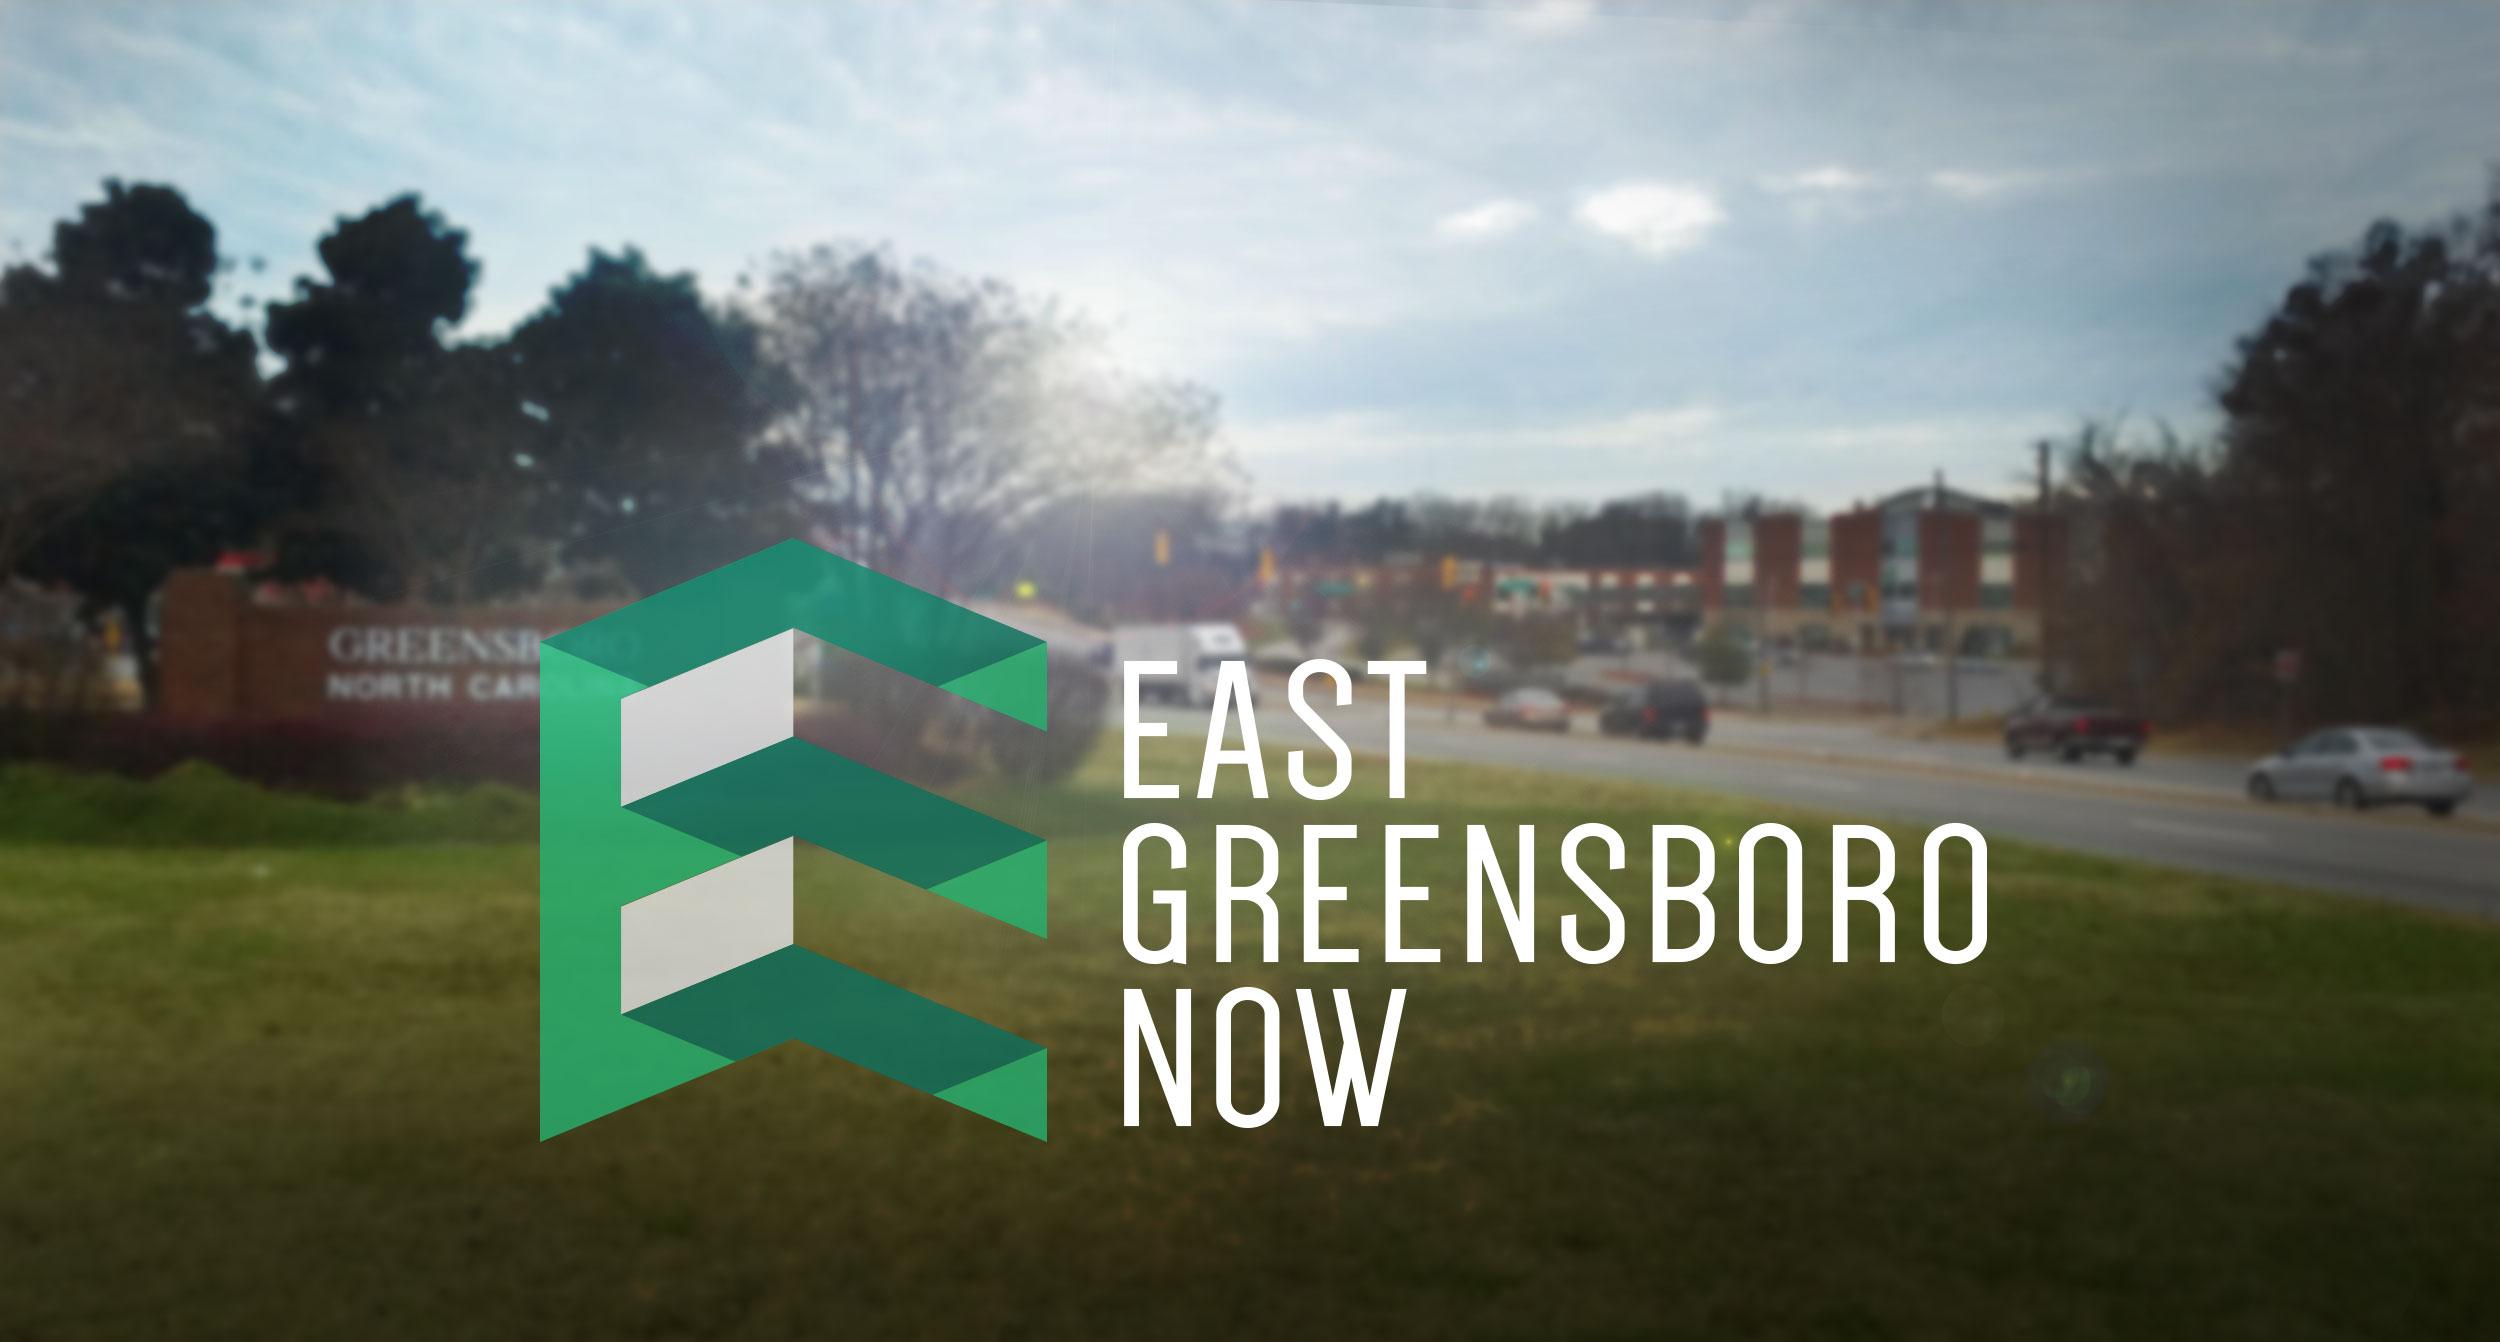 East Greensboro NOW